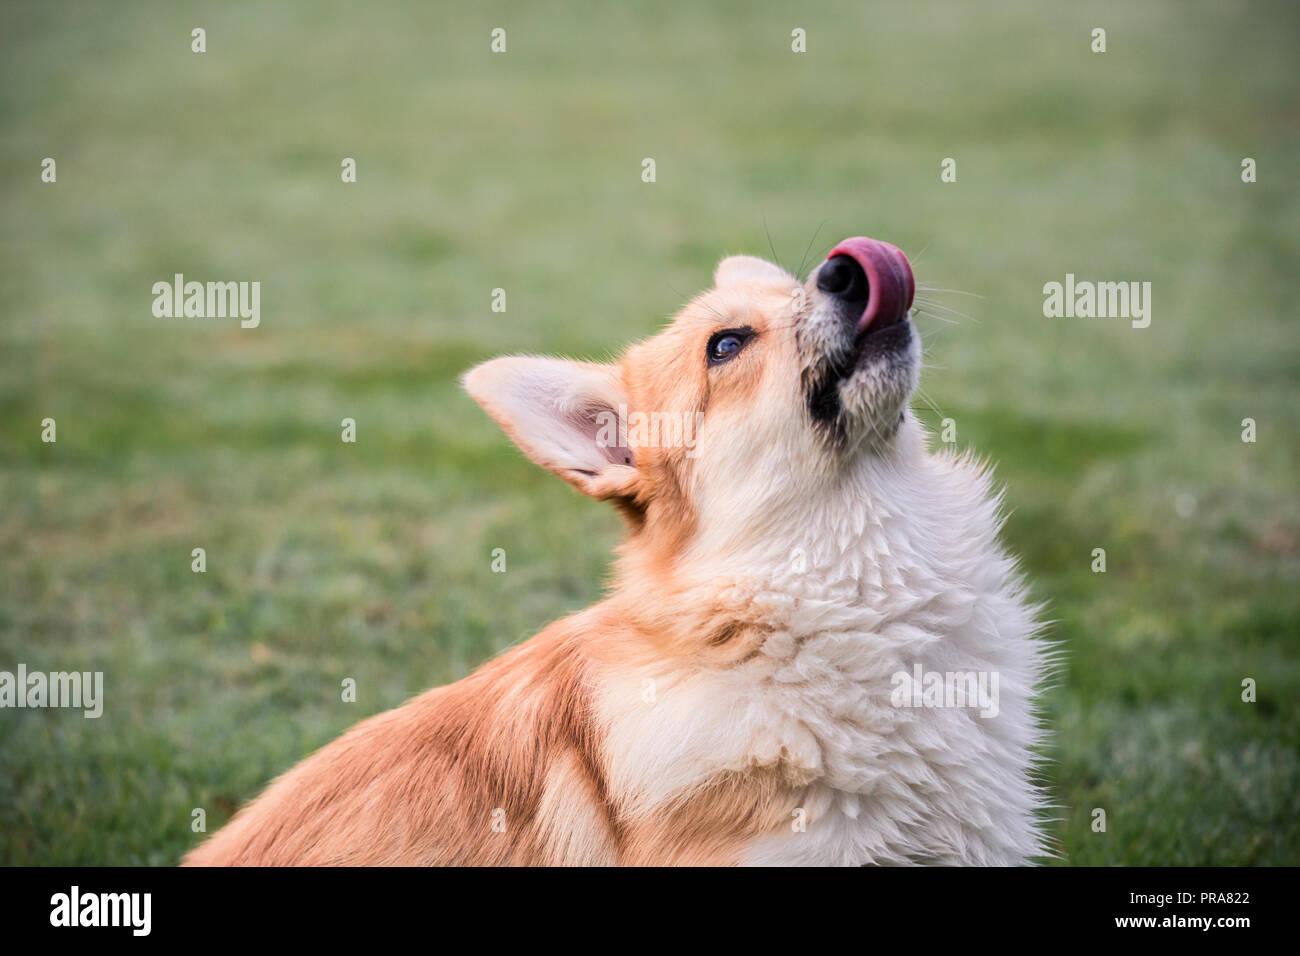 6 mes de edad Welsh Corgi Pembroke en otoño de lamer los labios mirando hacia arriba a un propietario Foto de stock